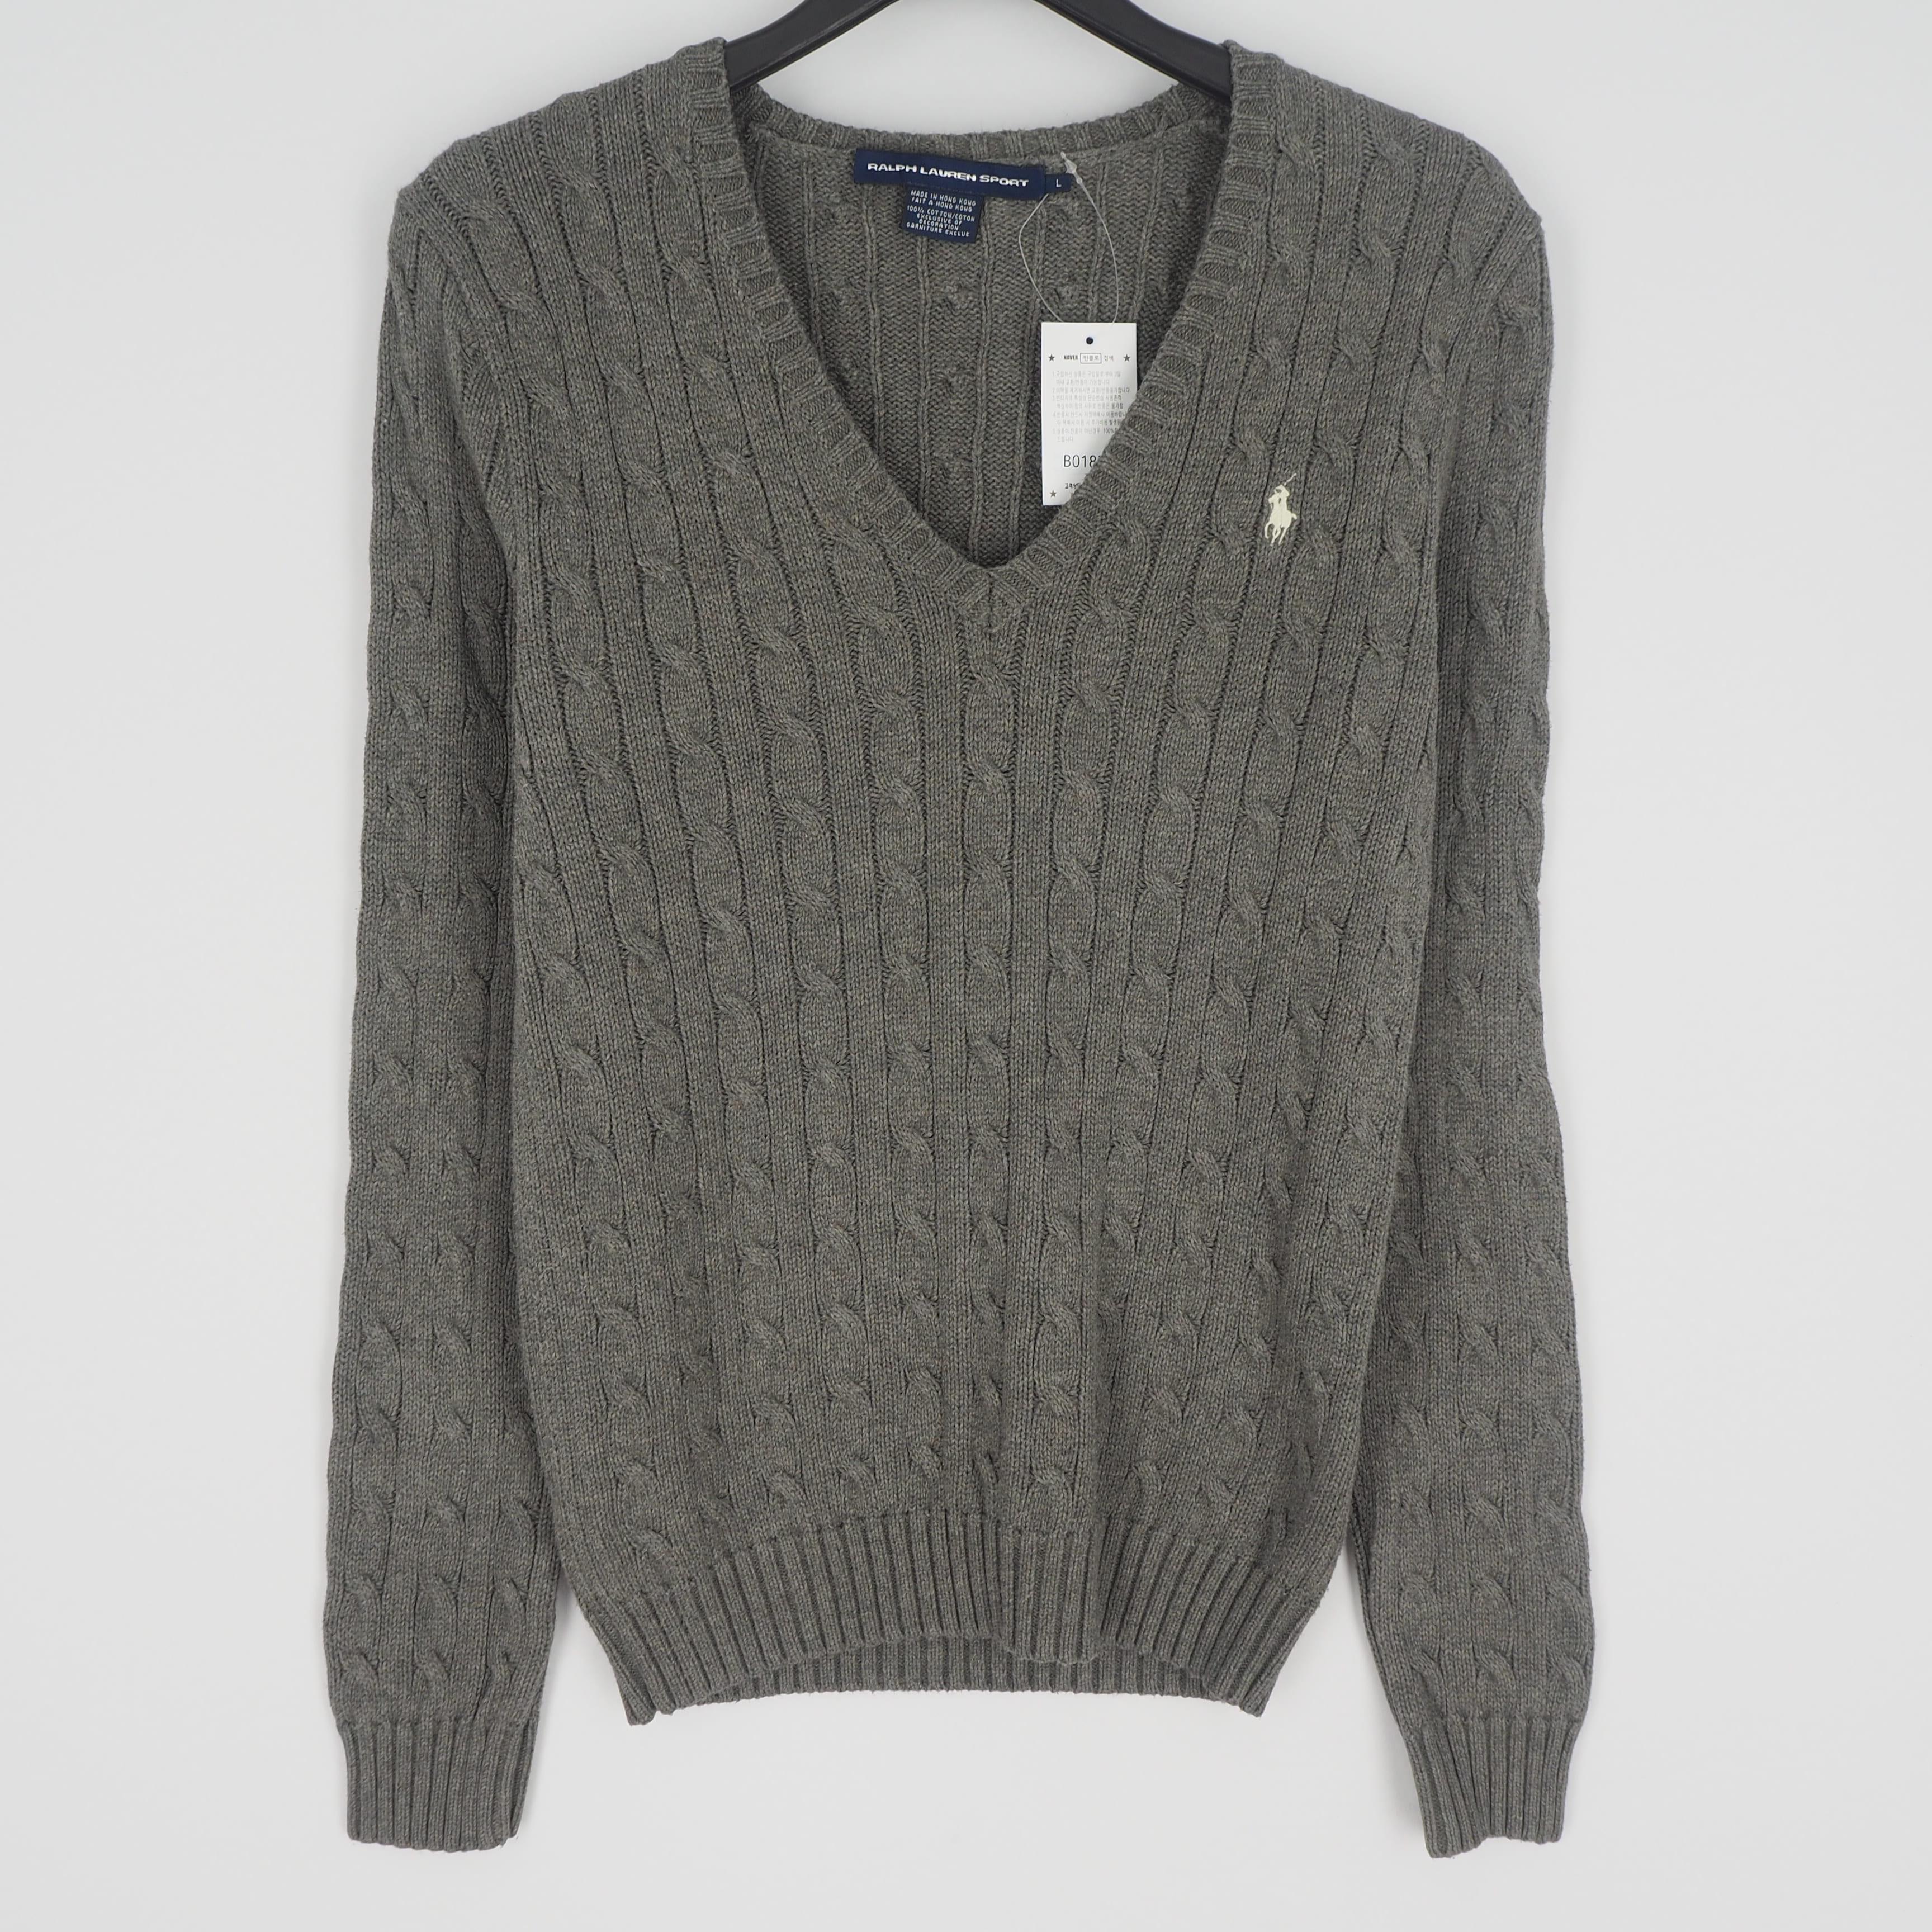 [S] 랄프로렌 긴팔 니트/스웨터